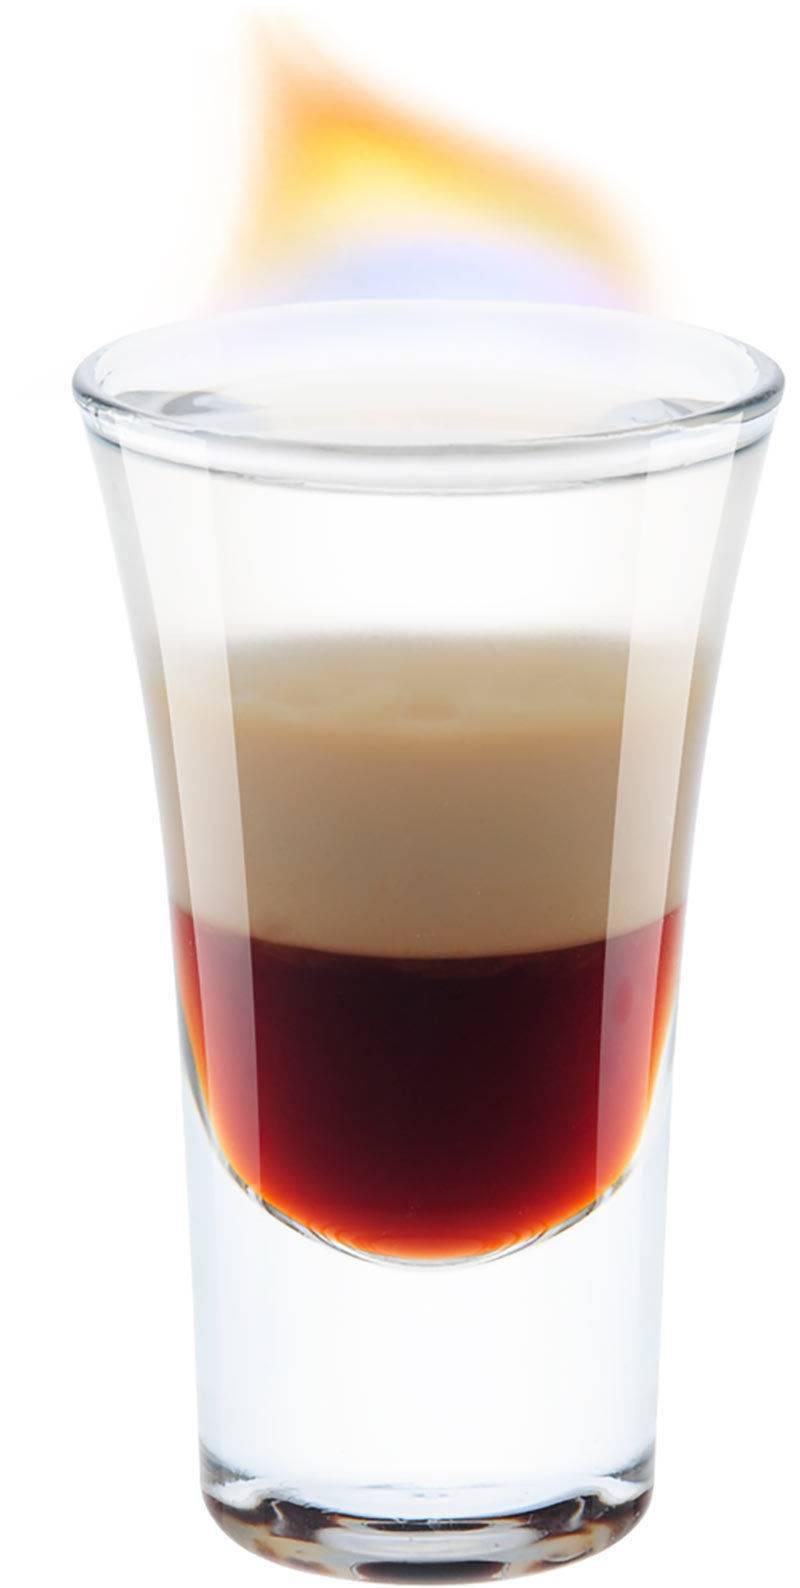 Рецепты приготовления коктейля б 52